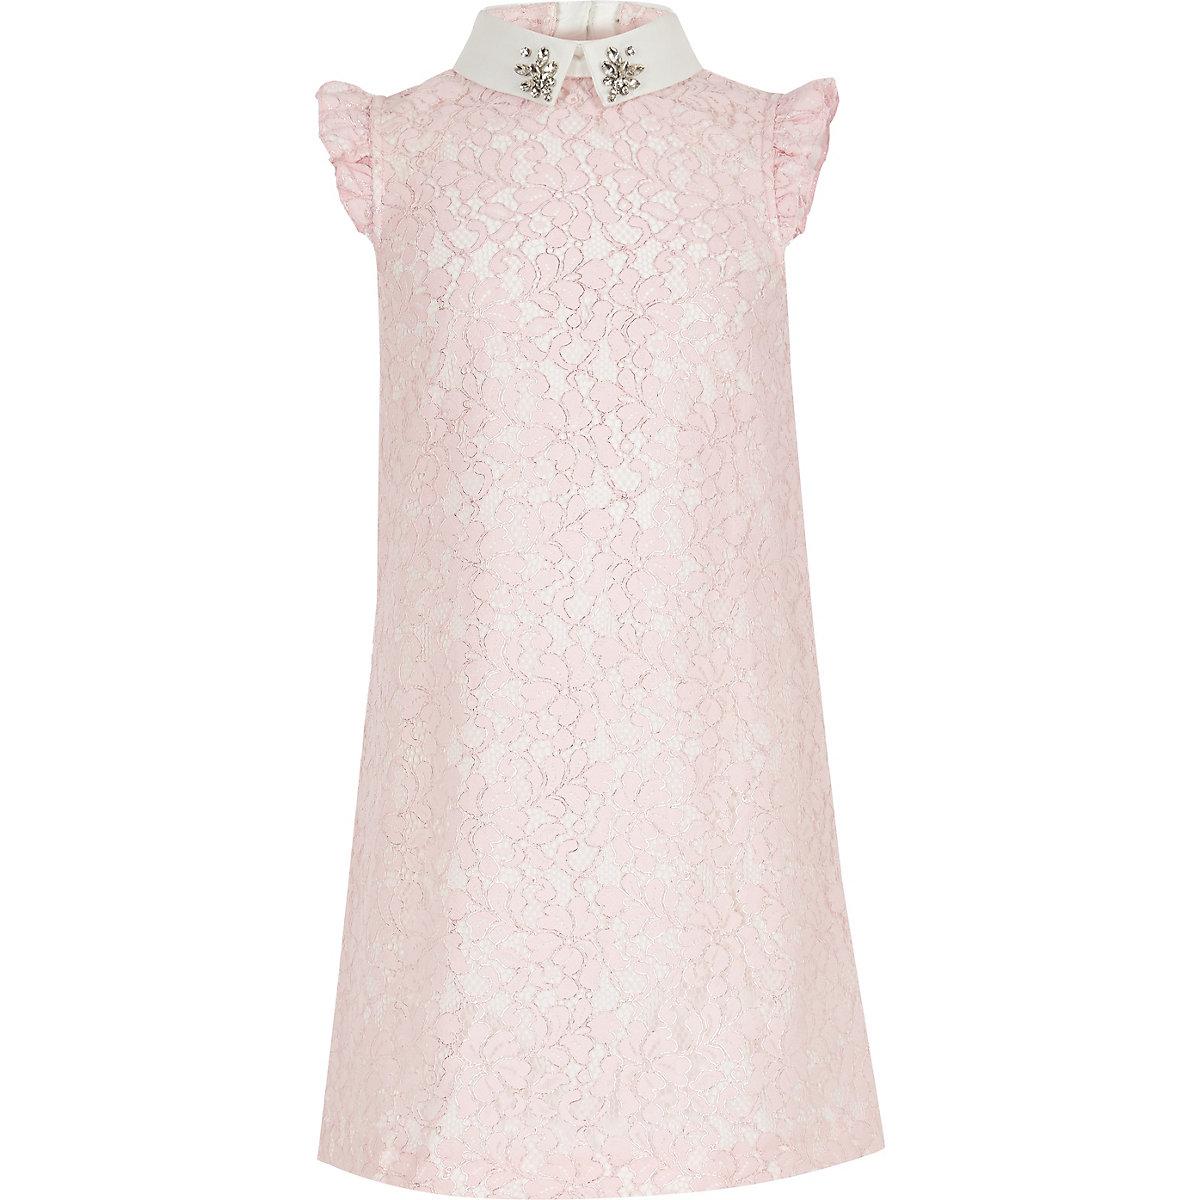 Girls pink lace prom dress